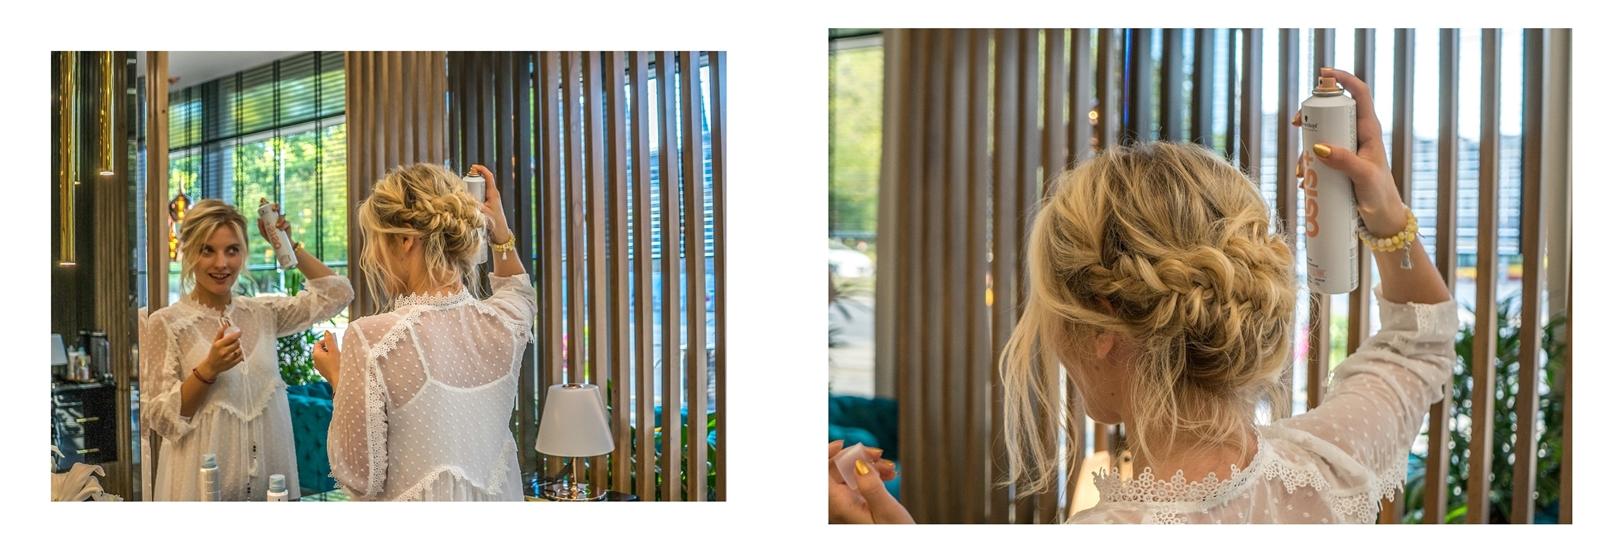 Salon LUISSE ŁÓDŻ , ZGIERZ - ceny, opinie, recenzje. Gdzie do fryzjera w Łodzi. Najlepszy, polecany fryzjer w Łodzi. Fryzjer Łódź Piotrkowska, centrum, bałuty, retkinia, widzew - blog łódź blogerka łódzka, moda, lifestyle, uroda.